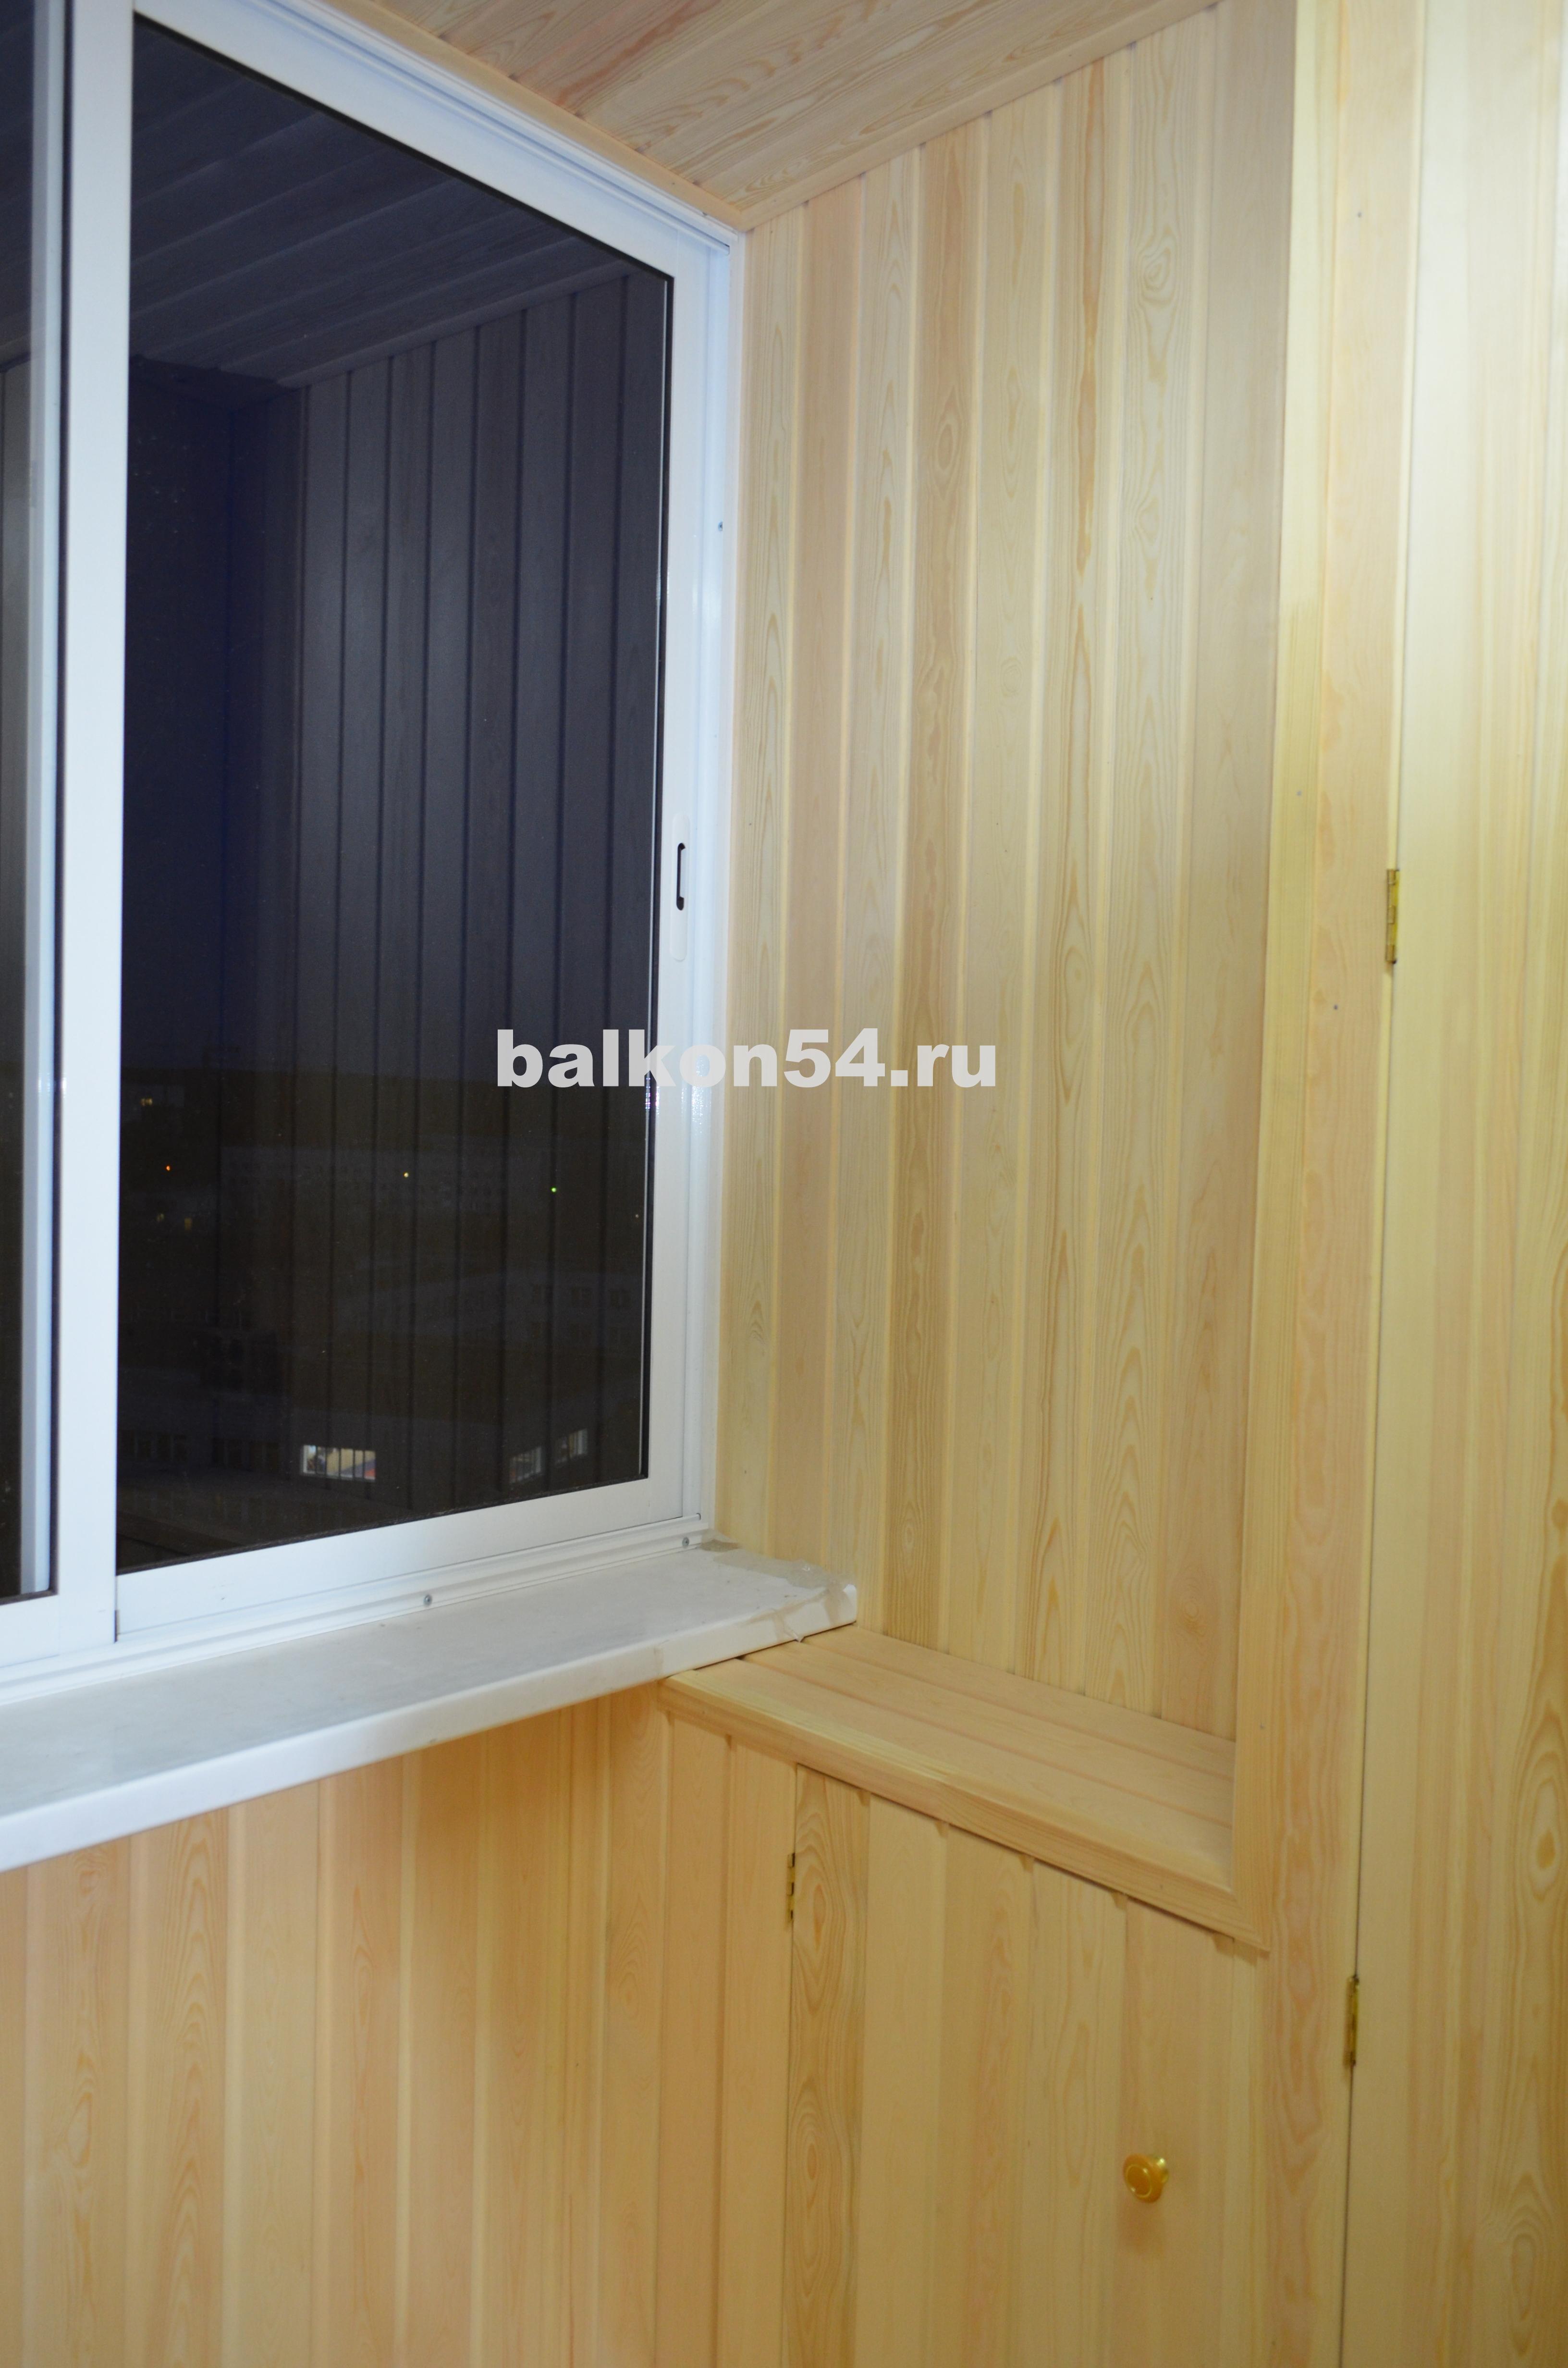 Встроенный шкаф на лоджию новосибирск.